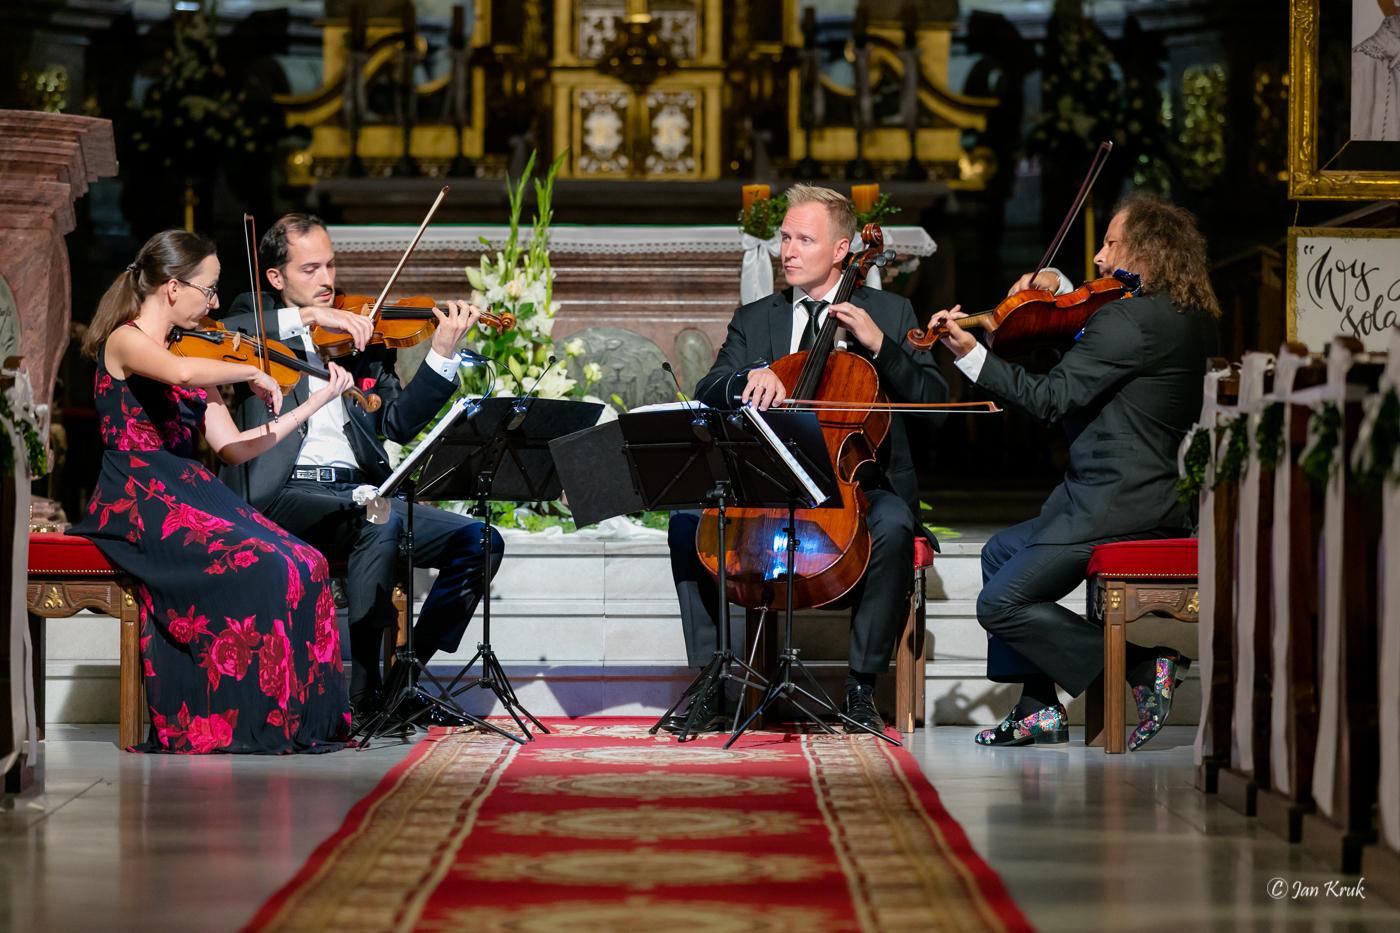 Artyści z Karol Szymanowski Quartet